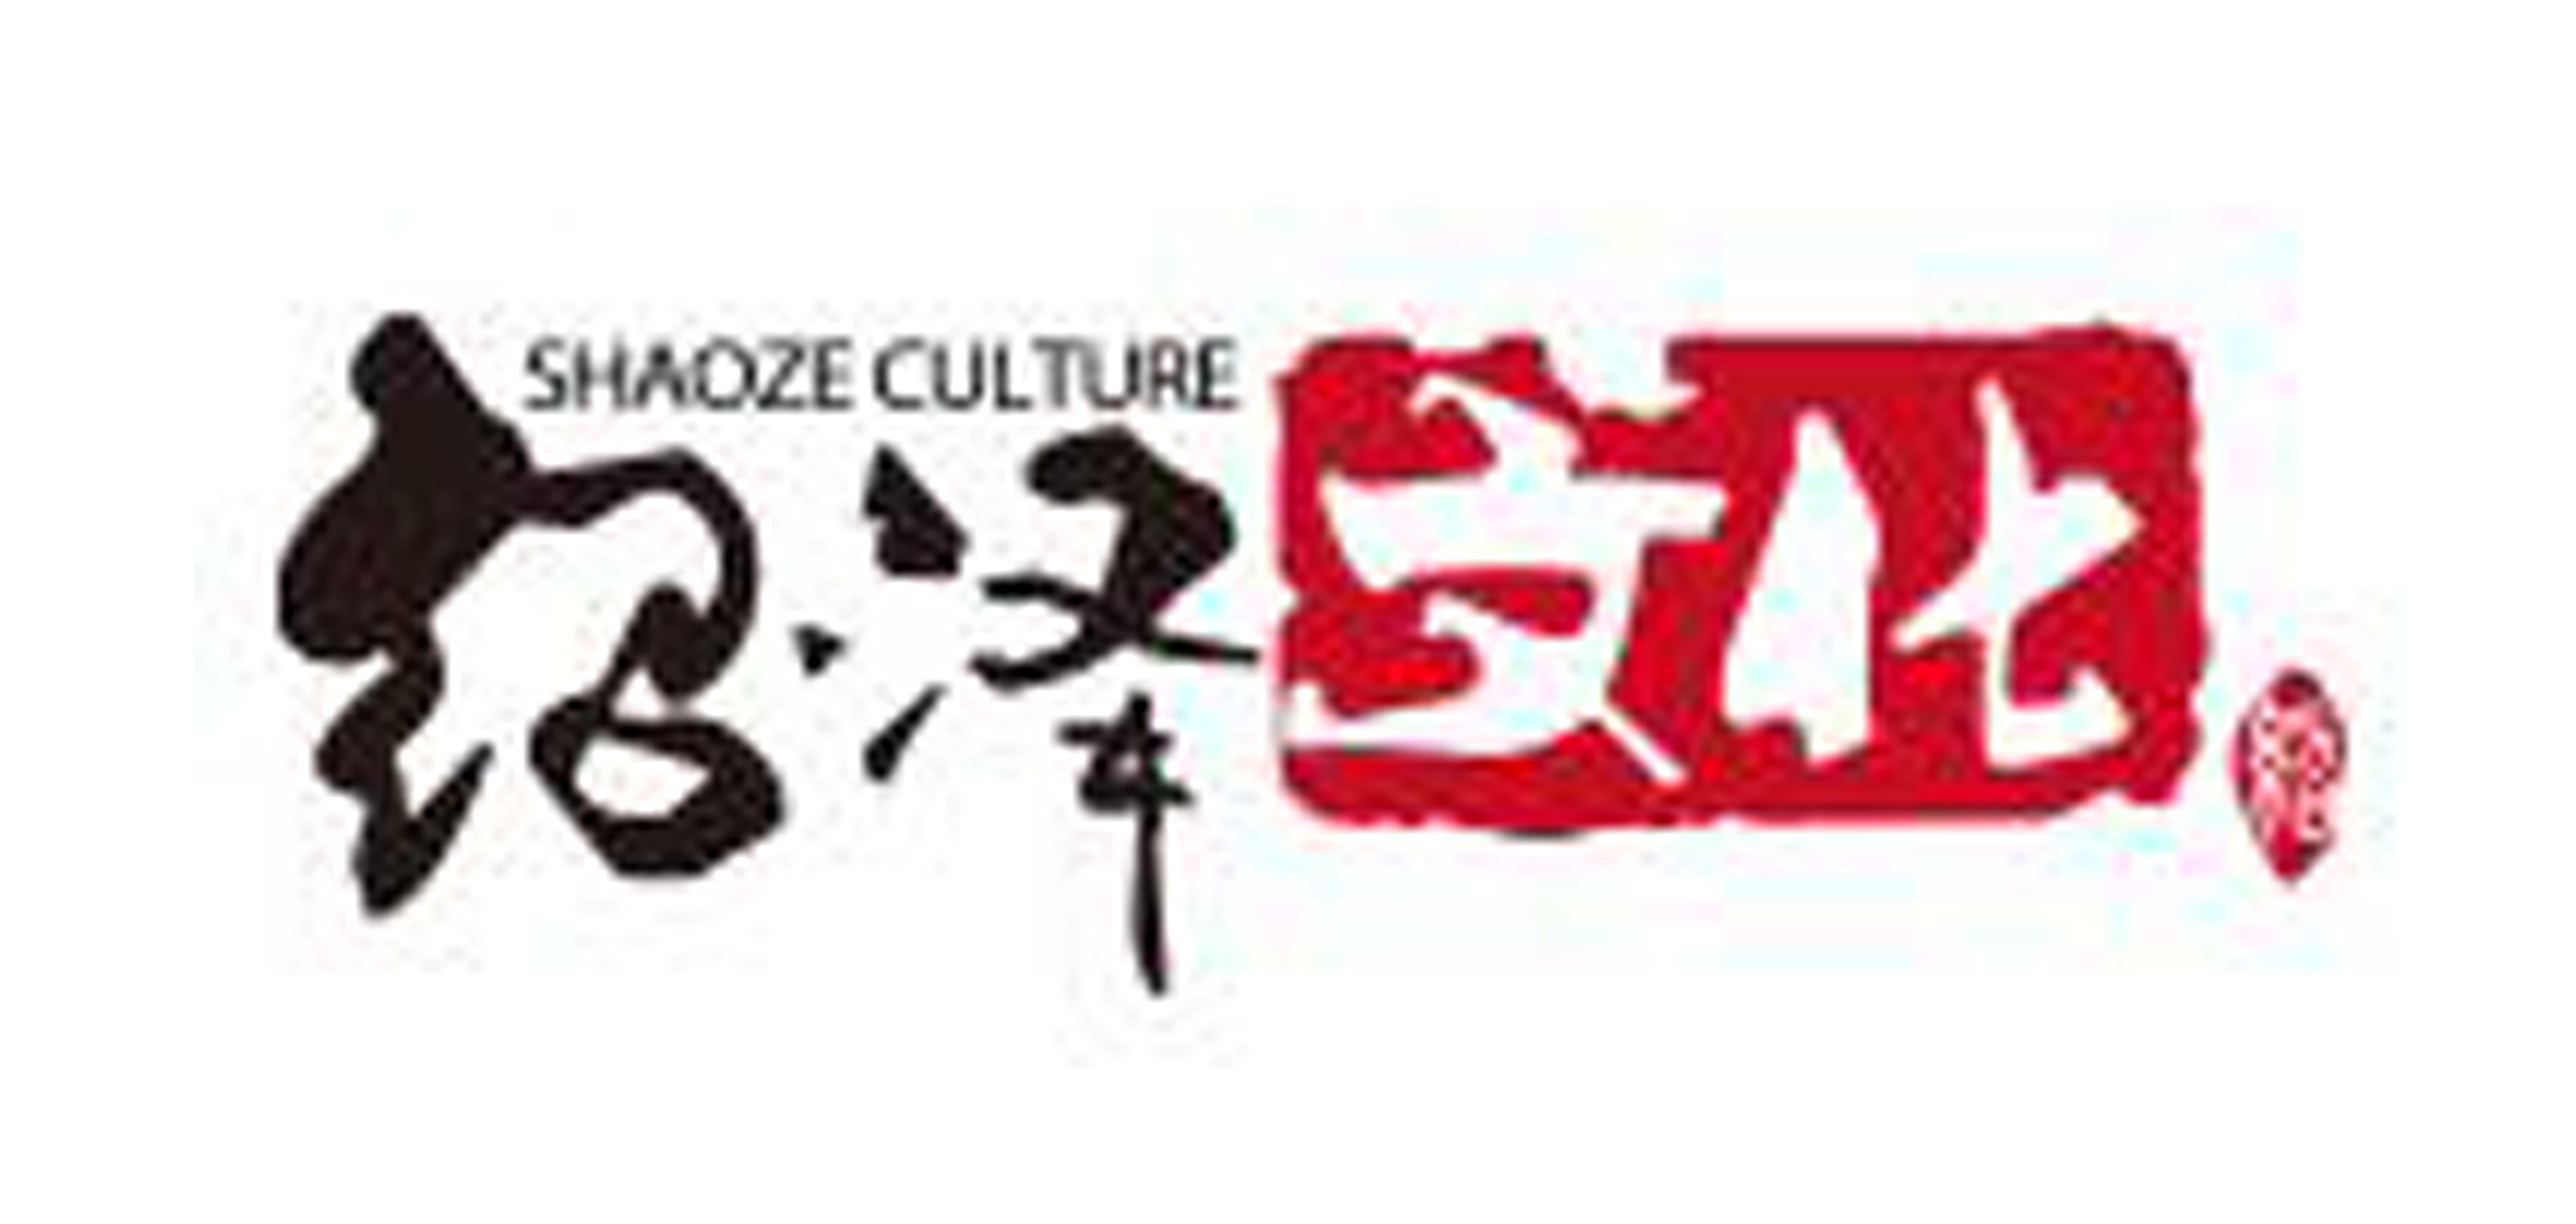 绍泽文化是什么牌子_绍泽文化品牌怎么样?